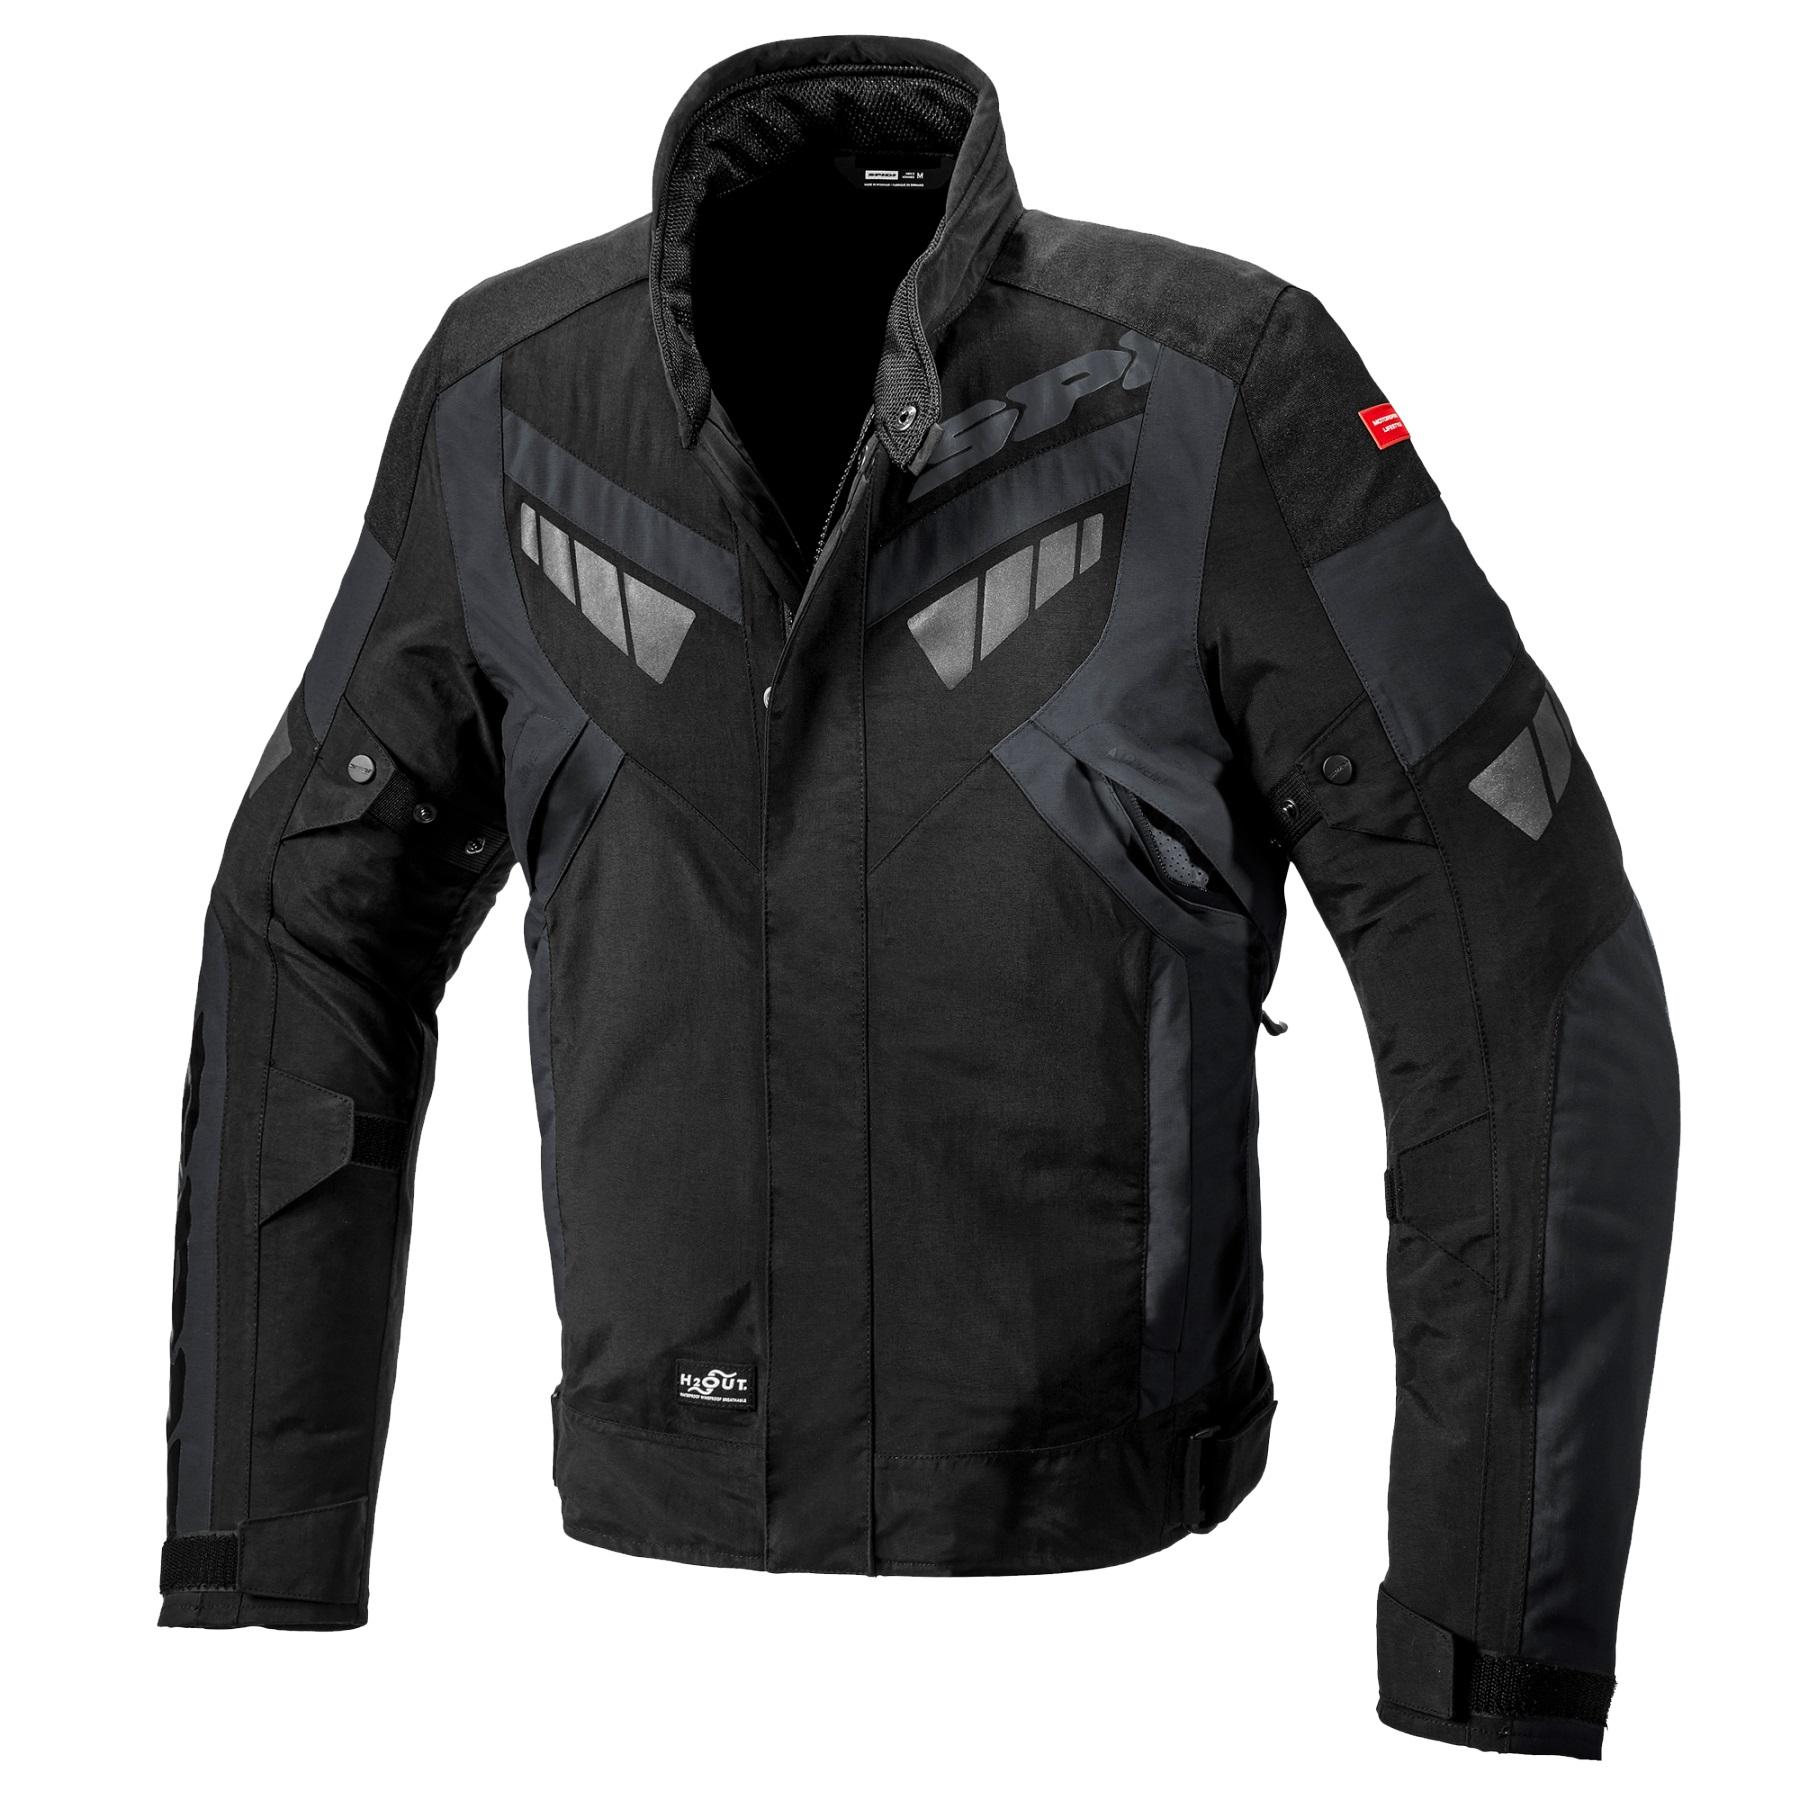 Spidi Freerider Black Slate Motorcycle Jacket L